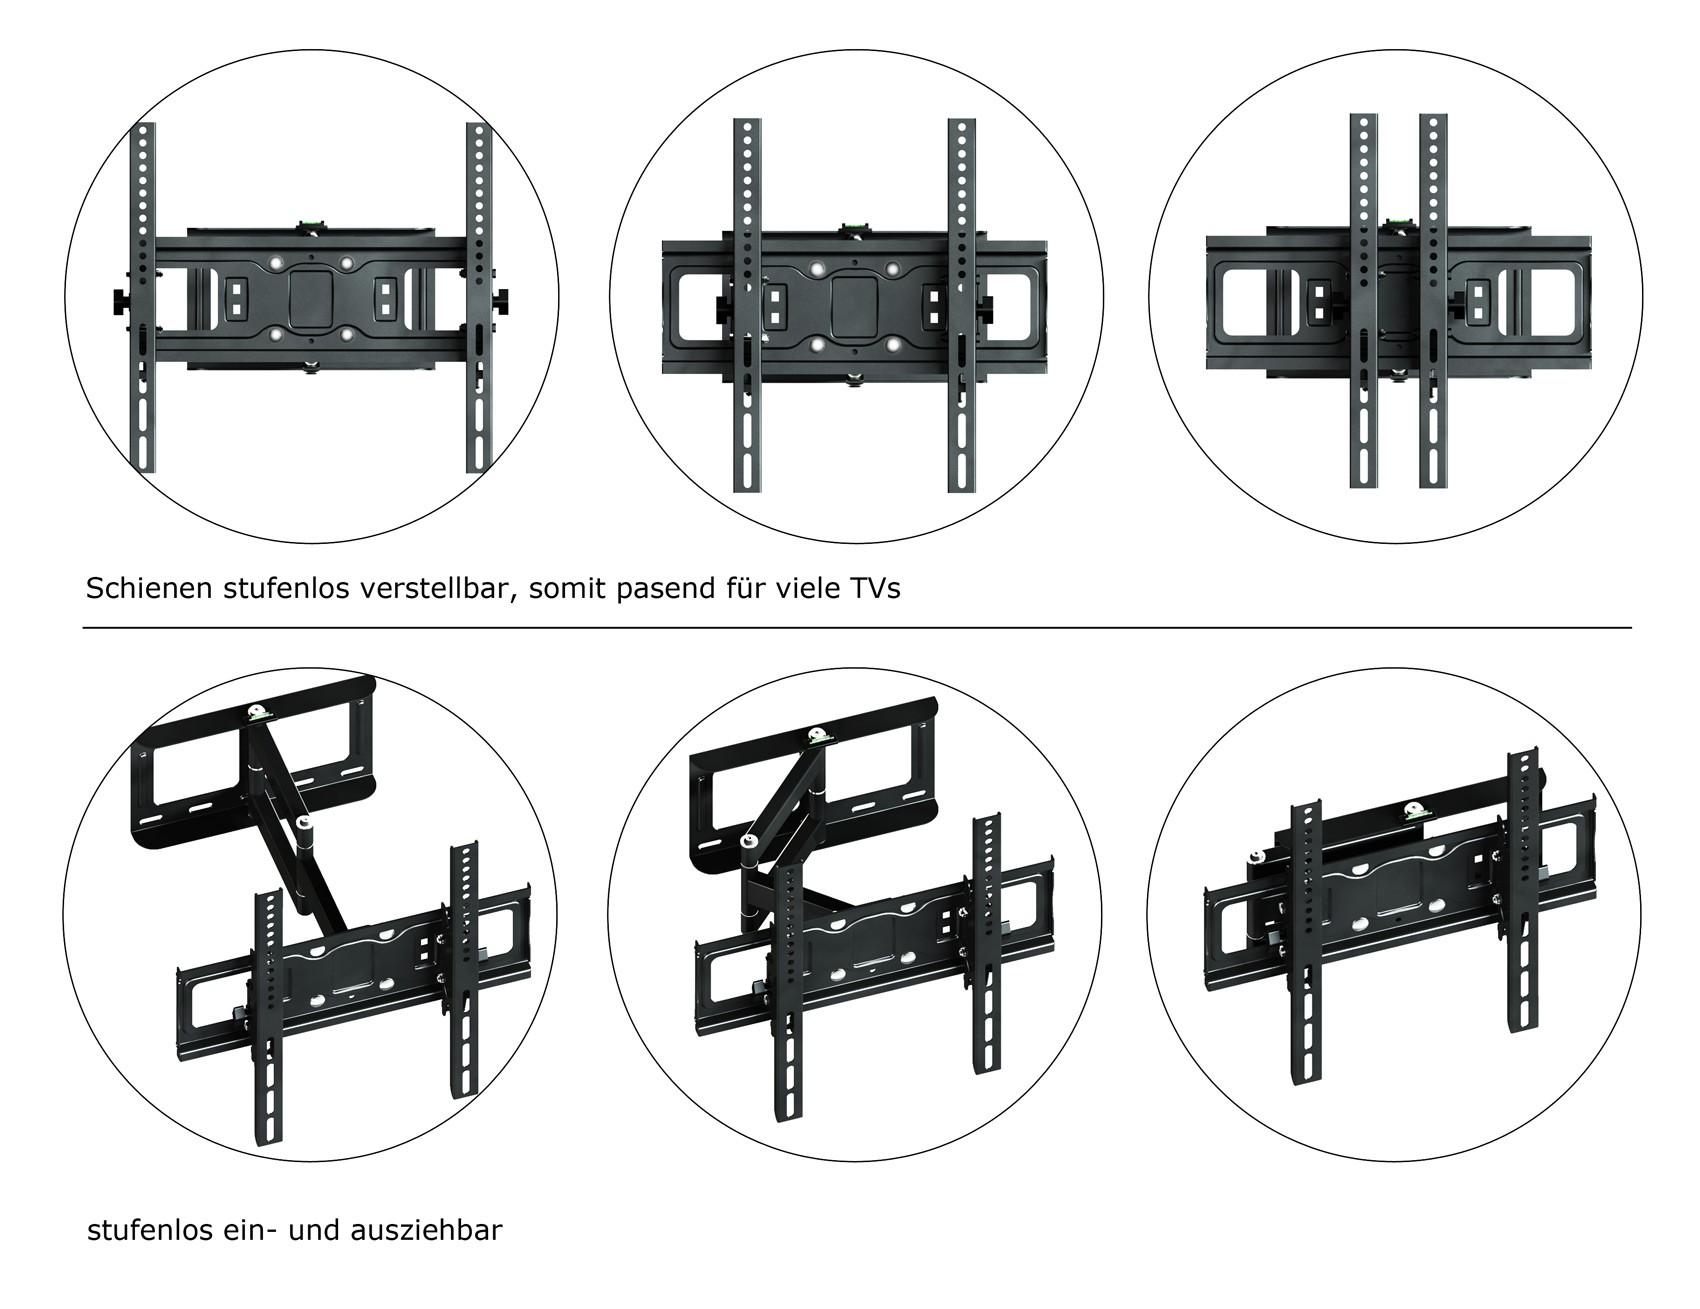 lcd tv wand halter fernsehhalterung flachbild fernseher wandhalterung plasma ebay. Black Bedroom Furniture Sets. Home Design Ideas